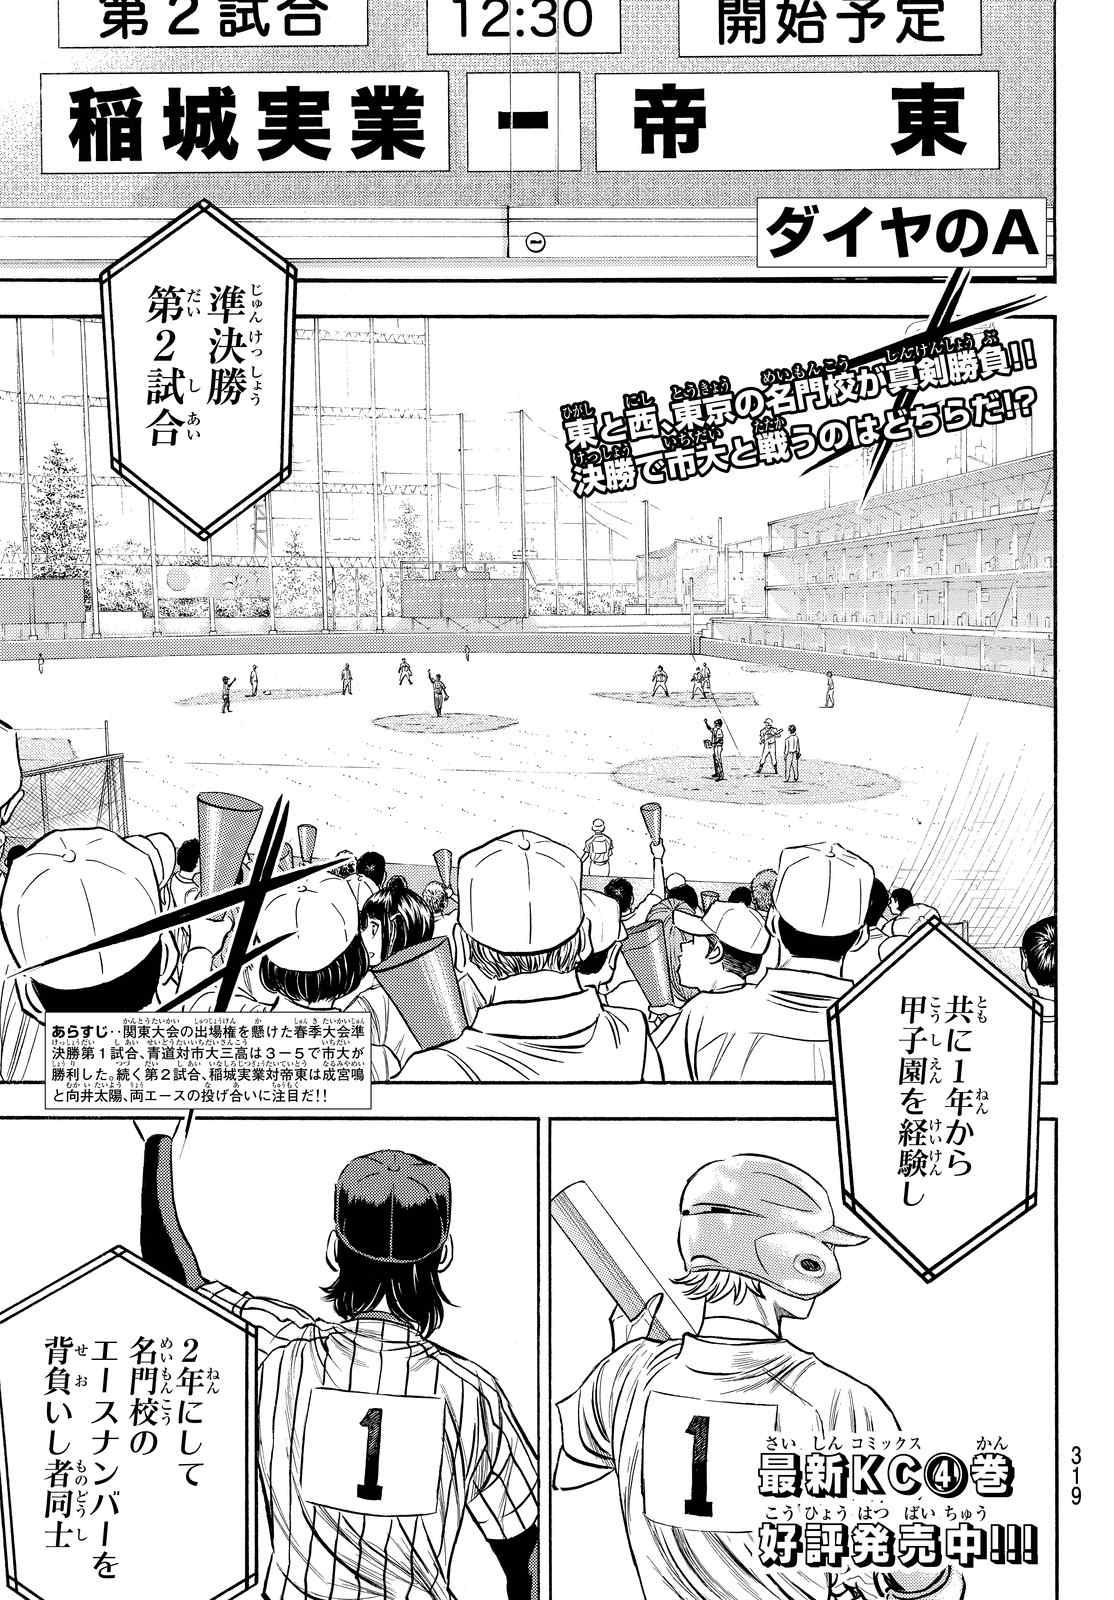 Daiya no A Act II - Chapter 047 - Page 1